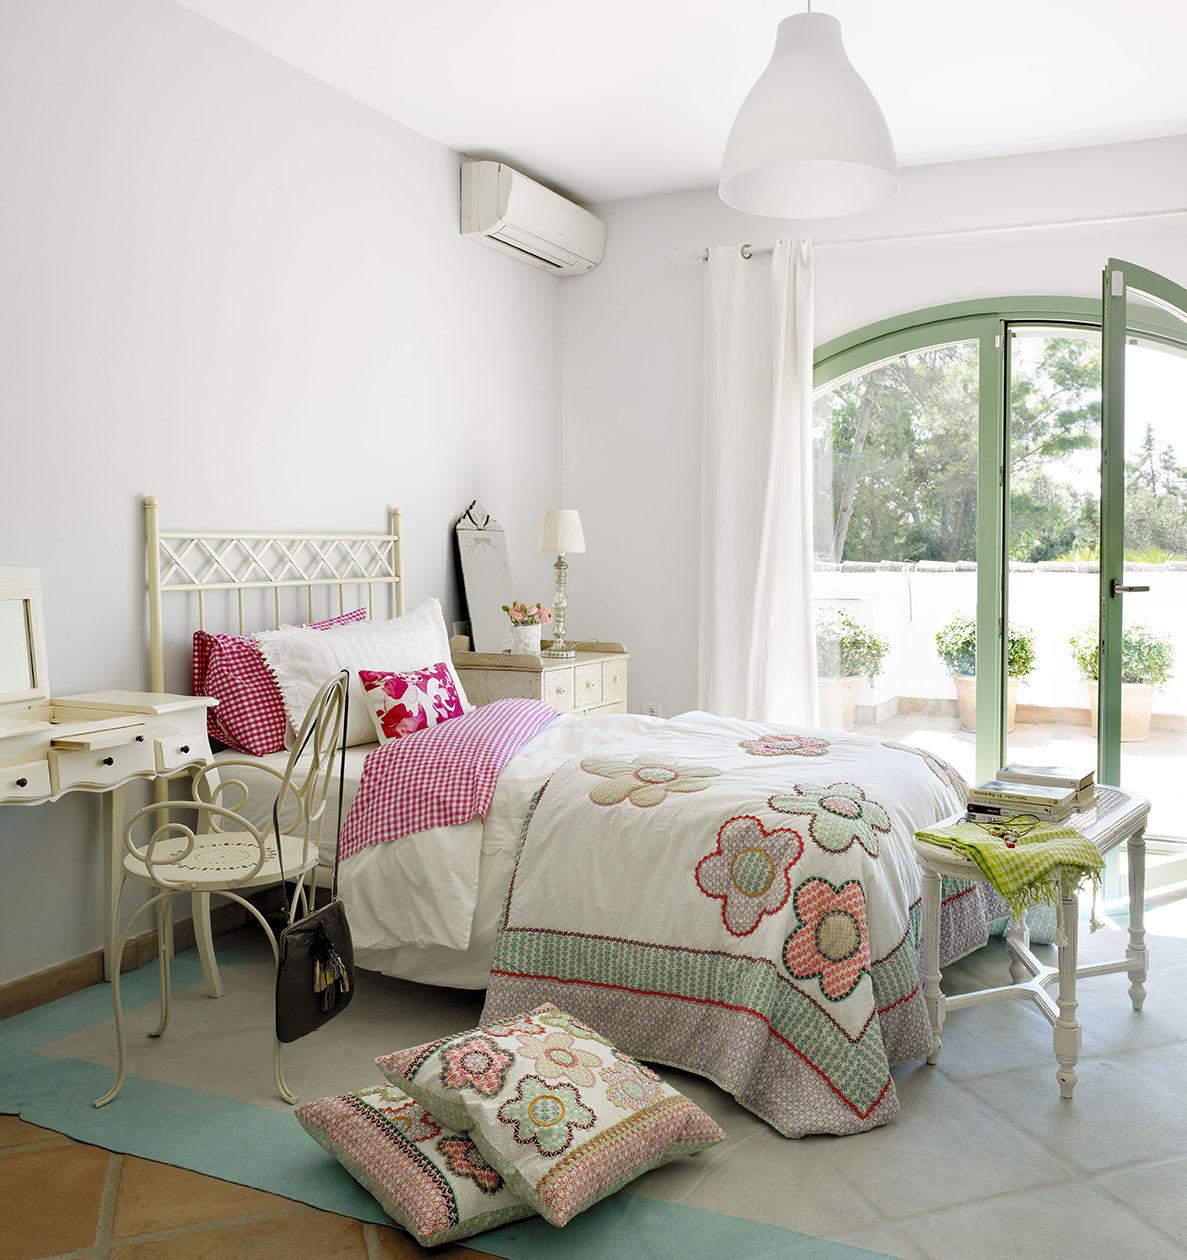 00324119 O. Dormitorio juvenil en blanco con ropa de cama y cojines con dibujos de flores_00324119 O